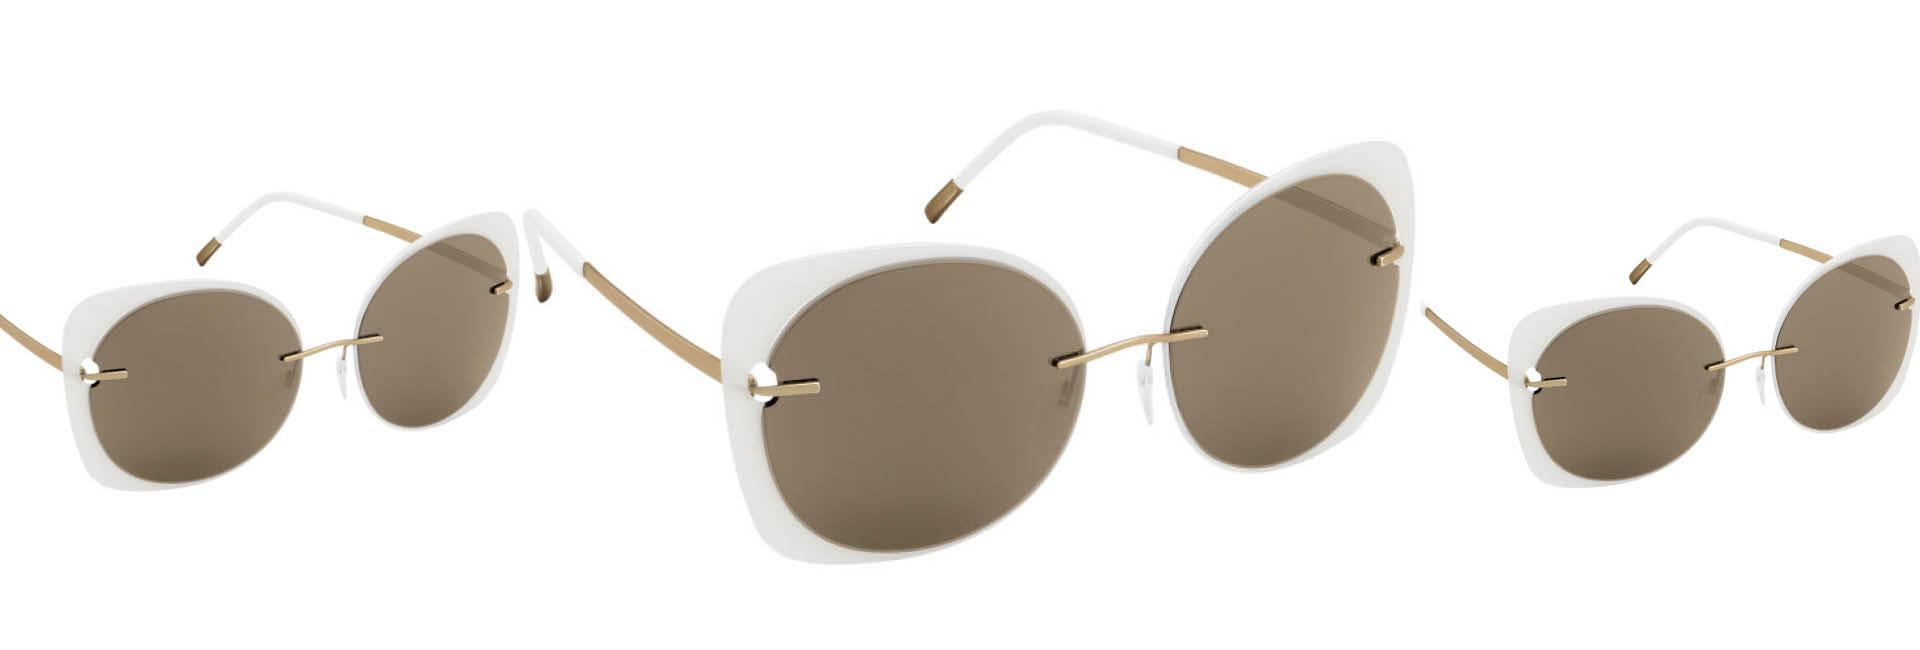 Sonnenbrille von Silhouette